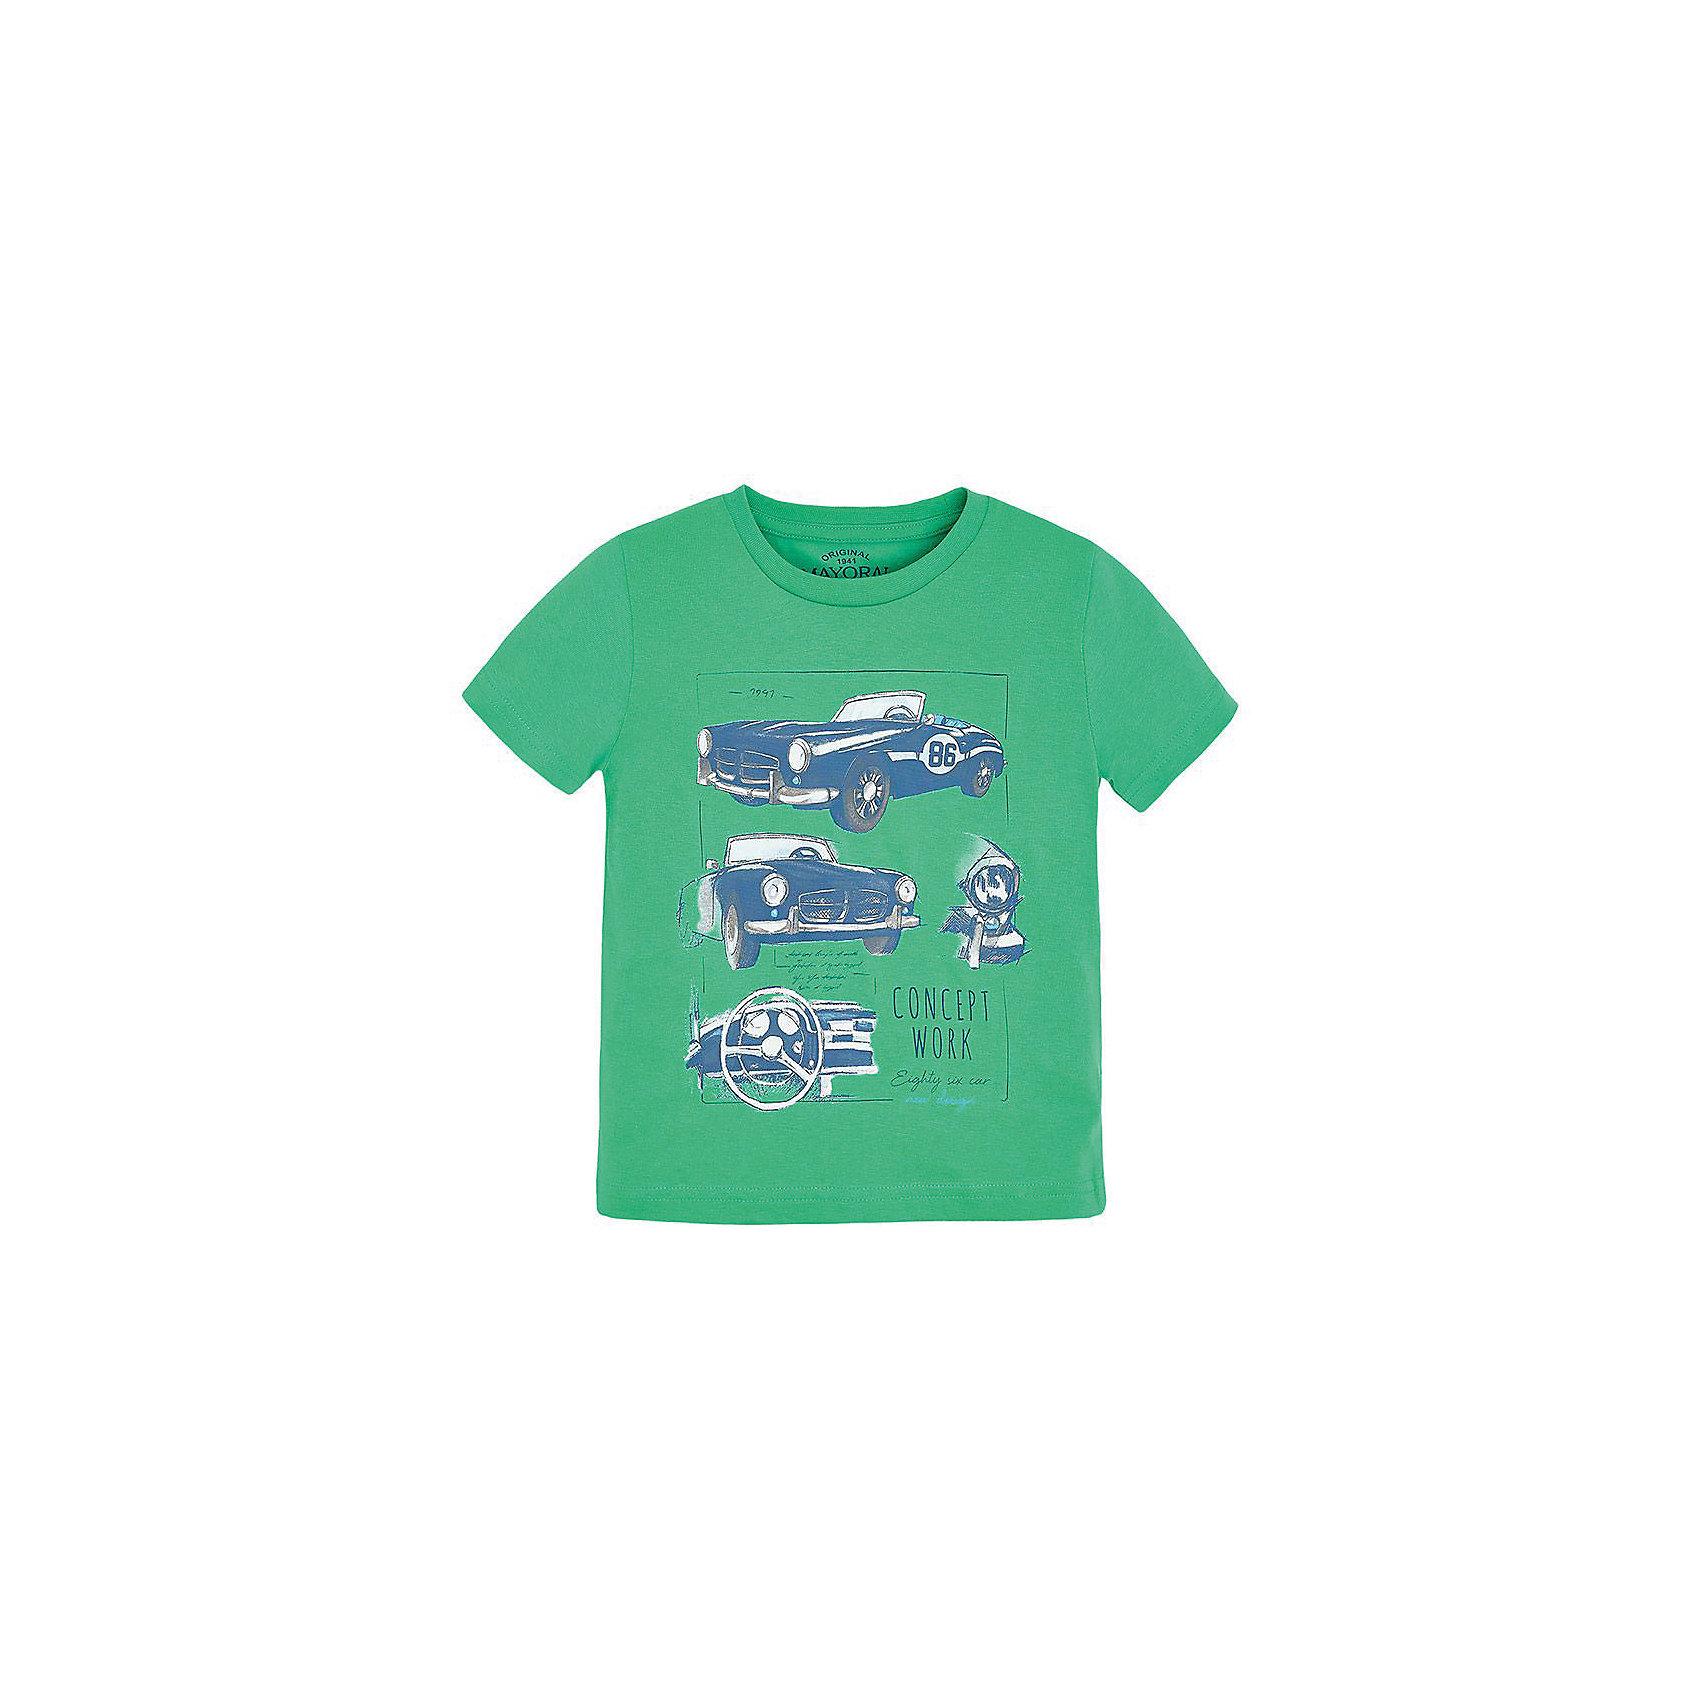 Футболка для мальчика MayoralФутболка для мальчика от известной испанской марки Mayoral <br><br>Модная хлопковая футболка от Mayoral - отличный вариант одежды на каждый день! Она прекрасно сочетается с джинсами и шортами. Модель выполнена из качественных материалов, отлично сидит по фигуре.<br><br>Особенности модели:<br><br>- цвет: зеленый;<br>- рукава короткие;<br>- украшена принтом;<br>- натуральный материал.<br><br>Дополнительная информация:<br><br>Состав: 100% хлопок<br><br>Футболку для мальчика Mayoral (Майорал) можно купить в нашем магазине.<br><br>Ширина мм: 199<br>Глубина мм: 10<br>Высота мм: 161<br>Вес г: 151<br>Цвет: зеленый<br>Возраст от месяцев: 84<br>Возраст до месяцев: 96<br>Пол: Мужской<br>Возраст: Детский<br>Размер: 122,98,110,134,116,104,128<br>SKU: 4541453